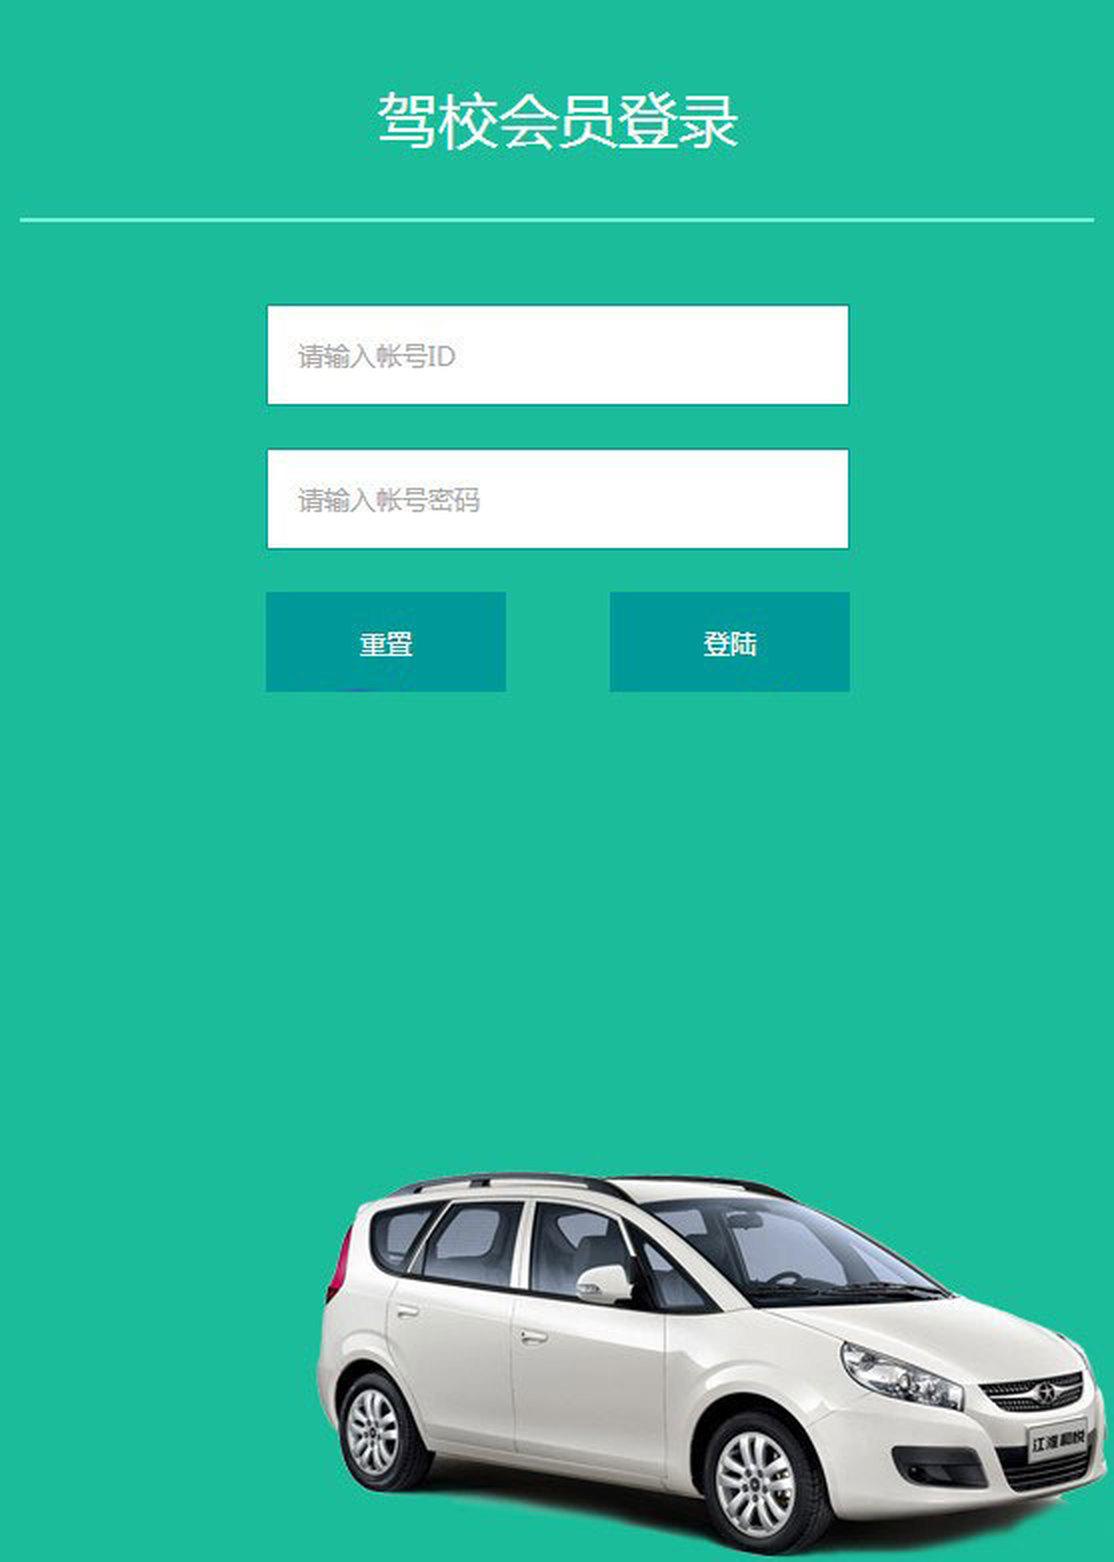 最新驾校驾考在线答题考试系统网站源码,Thinkphp3.2 PC+WAP手机版源码下载